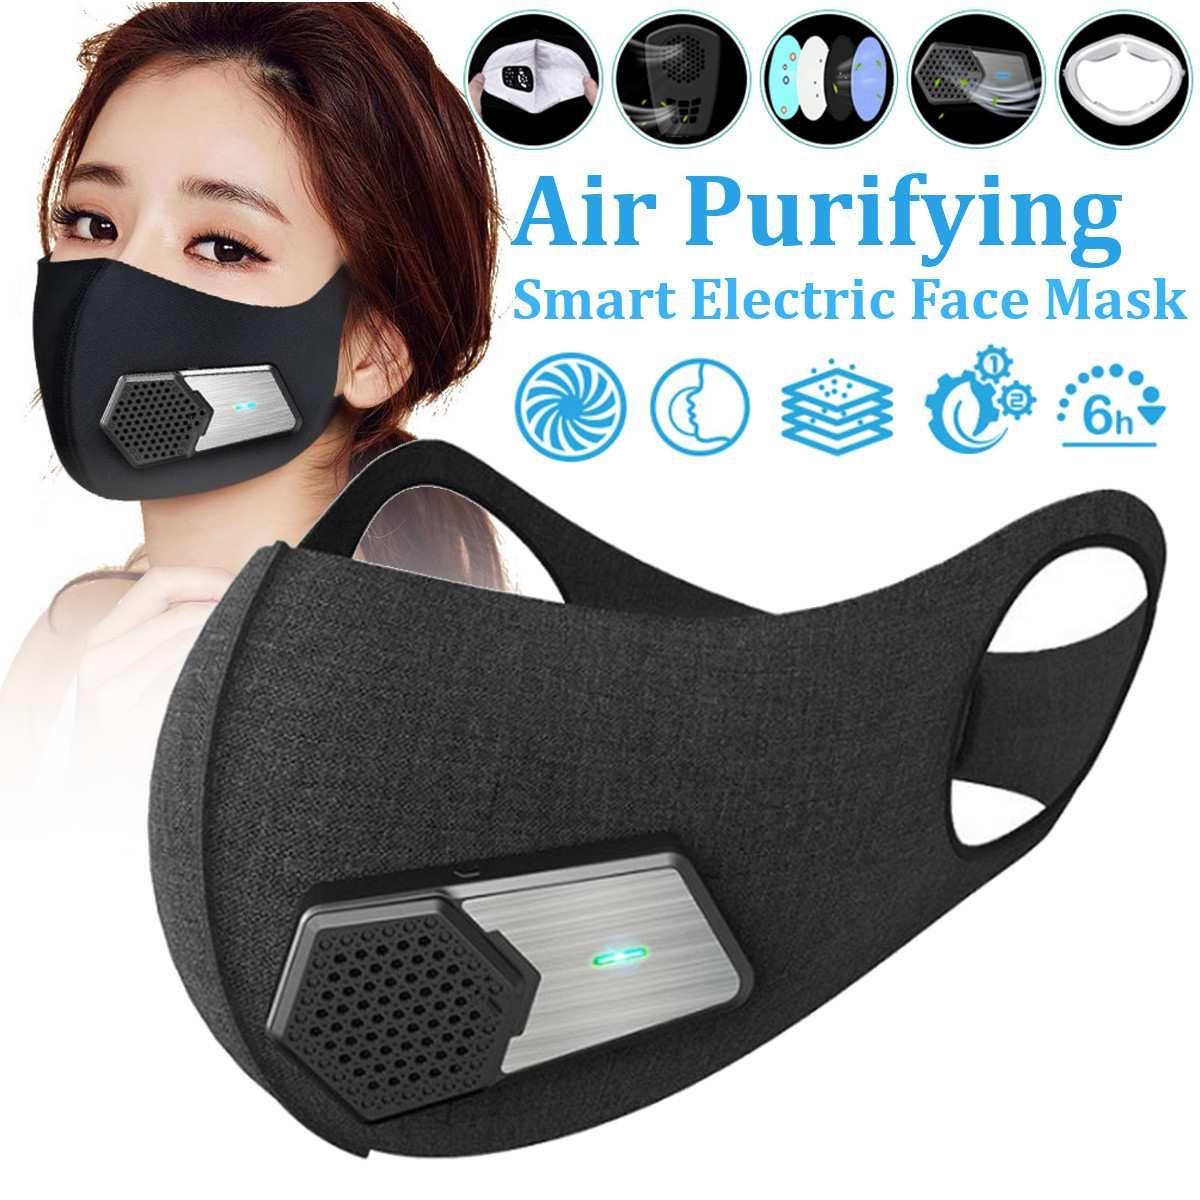 Smart Elektro Gesicht Staub Maske Luftreinigungs N95 Anti Staub Verschmutzung PM2.5 Mit Atmungs Ventil Arbeitsplatz Sicher Frische Luft Versorgung